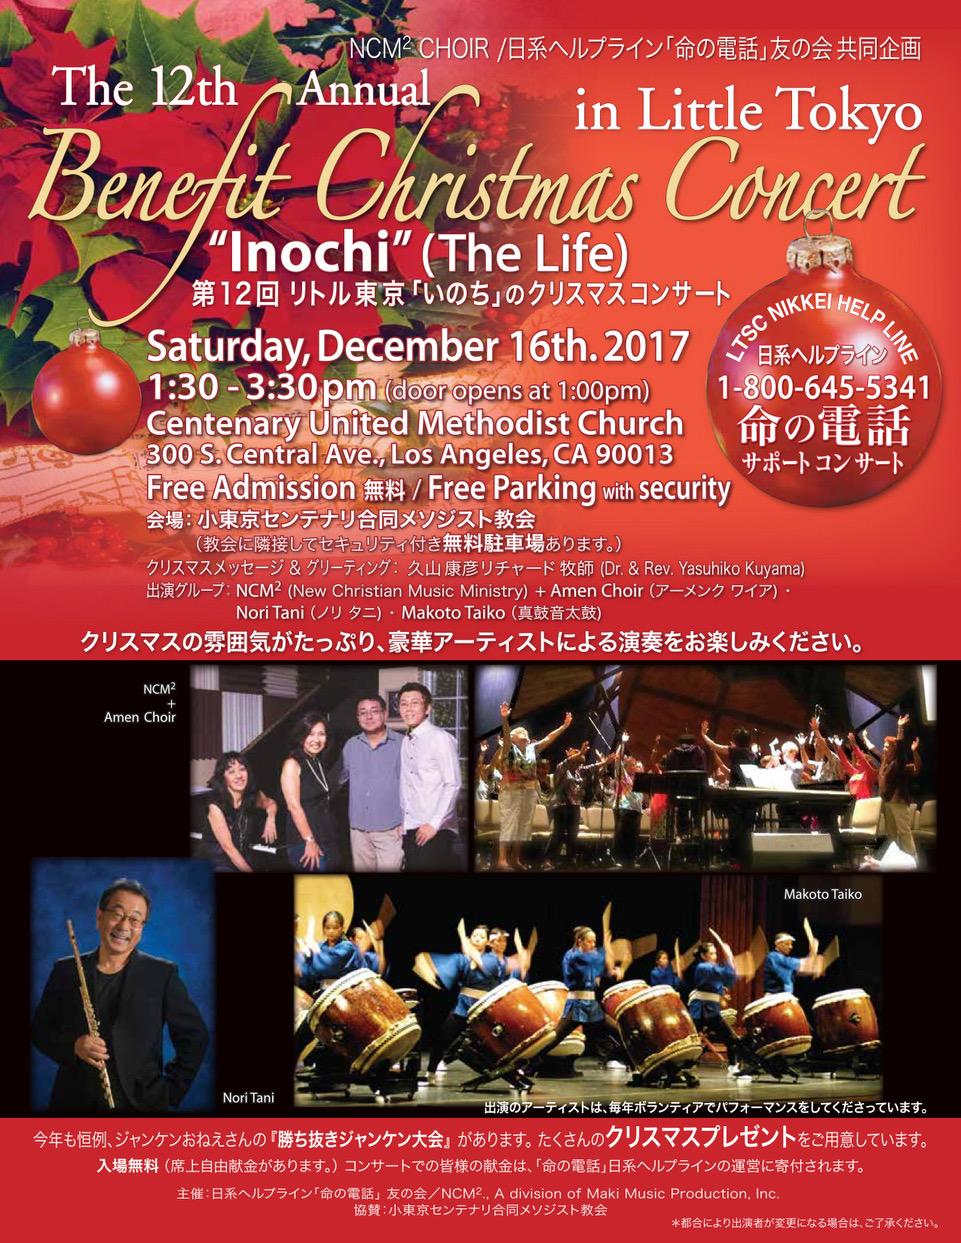 第12回 リトル東京「いのち」のクリスマスコンサート